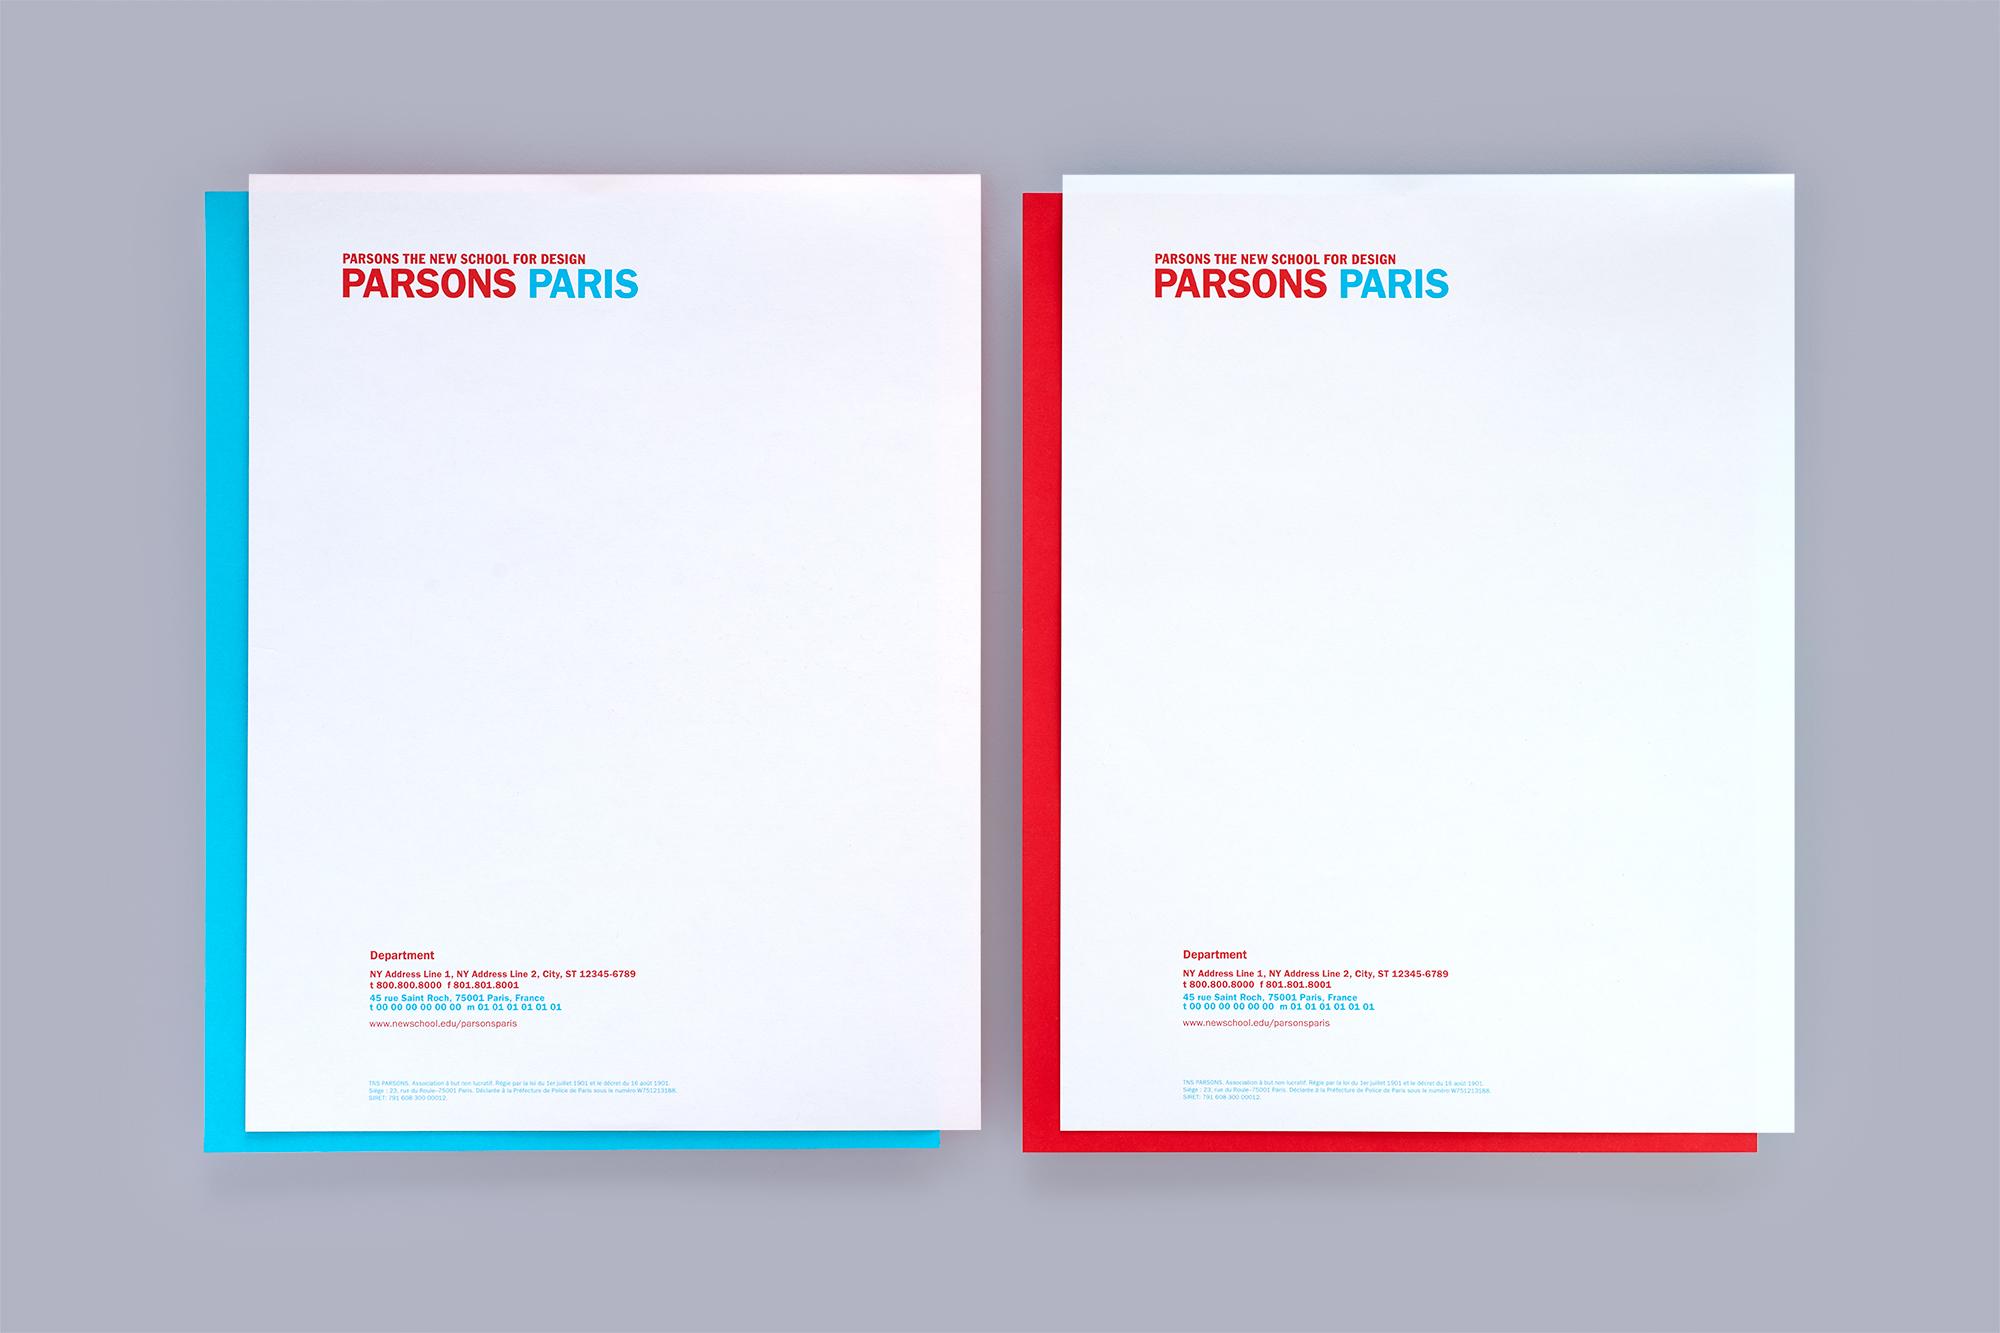 Paula_Giraldo_Parsons_Paris_41.jpg